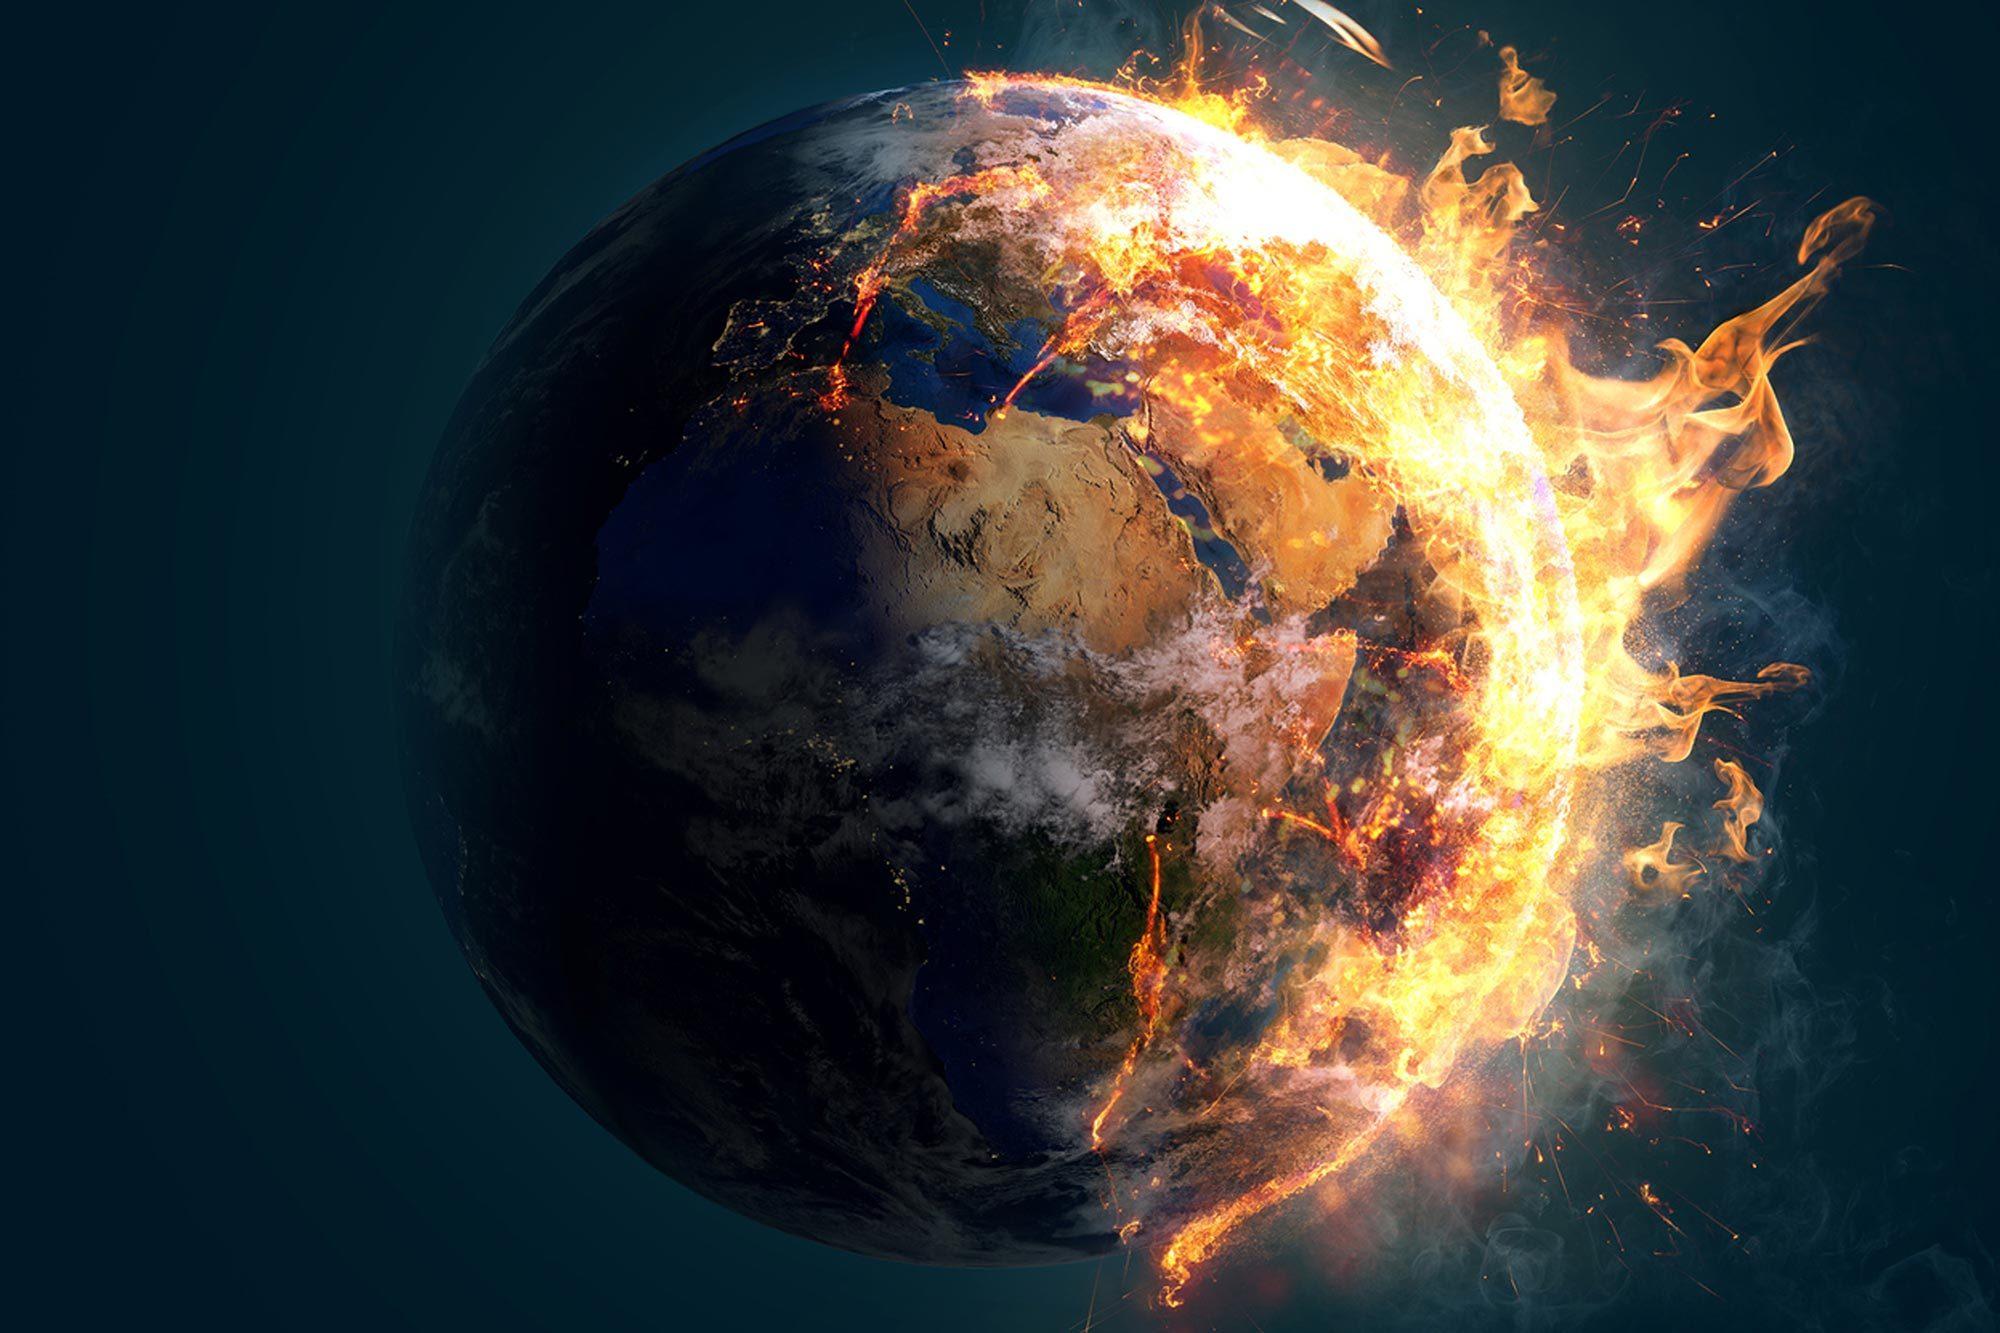 17 nhà khoa học hàng đầu cảnh báo về 'tương lai khủng khiếp' của Trái đất